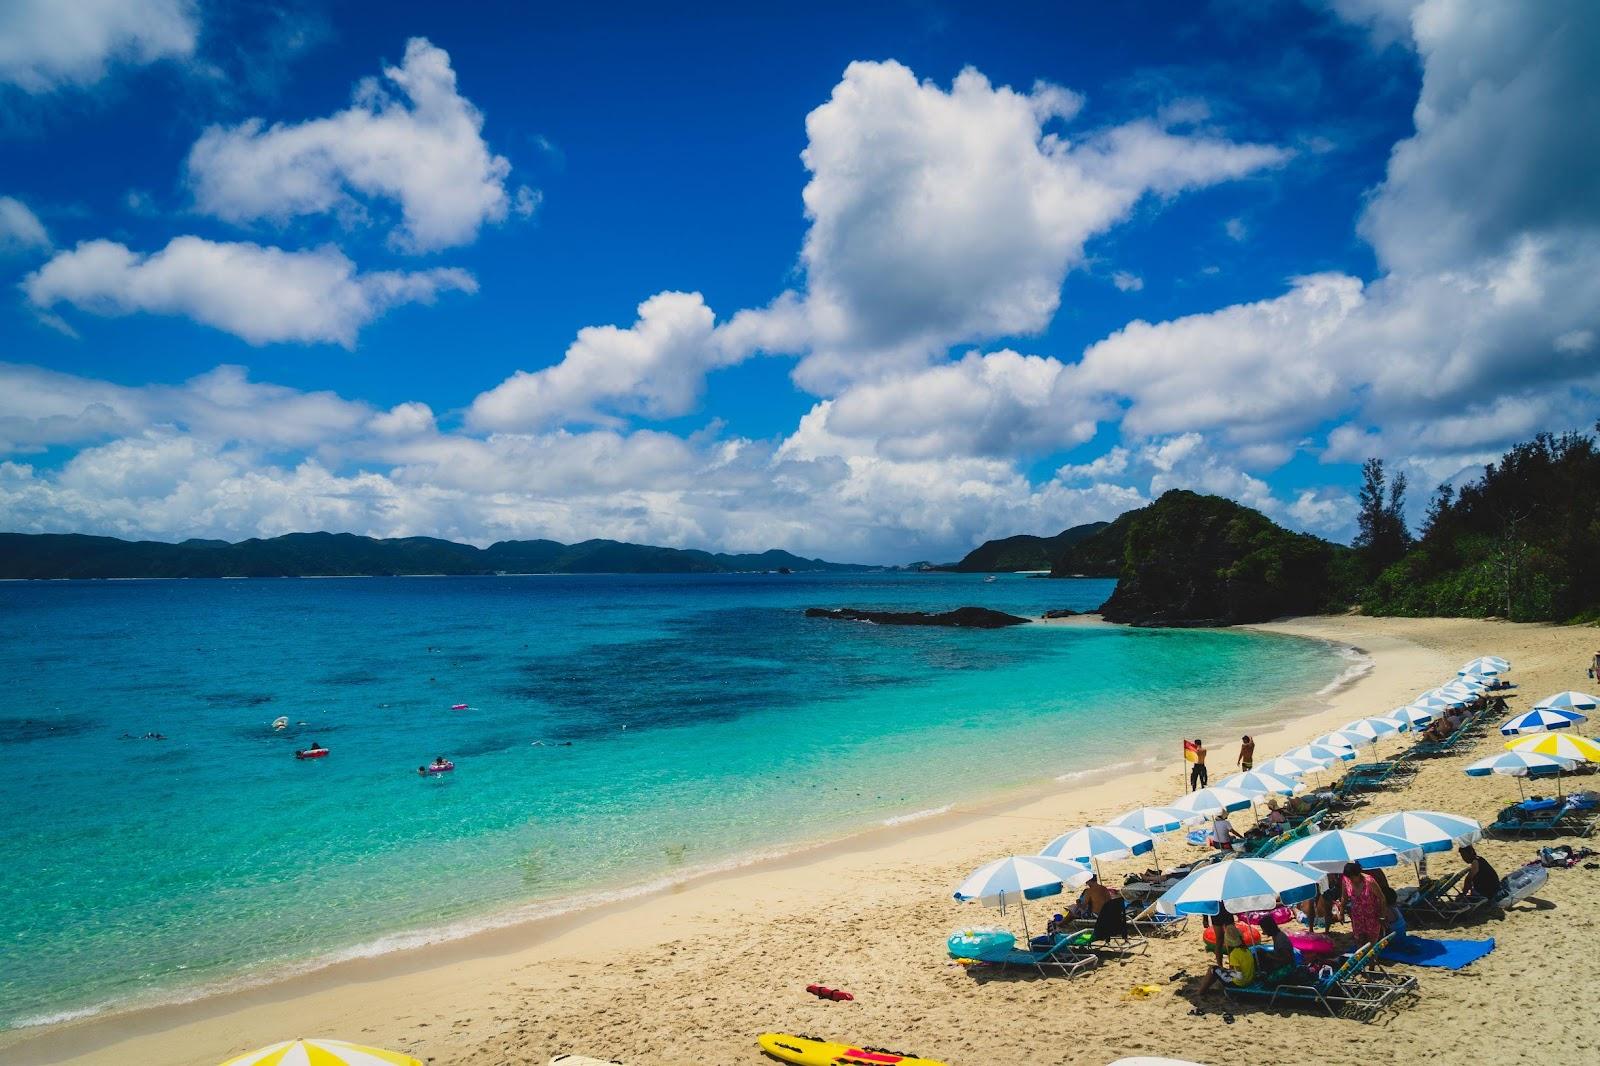 在慶良間天朗氣清時沖繩浮潛,其能見度最深更可達50米,令人深陷於「慶良間藍」之中。